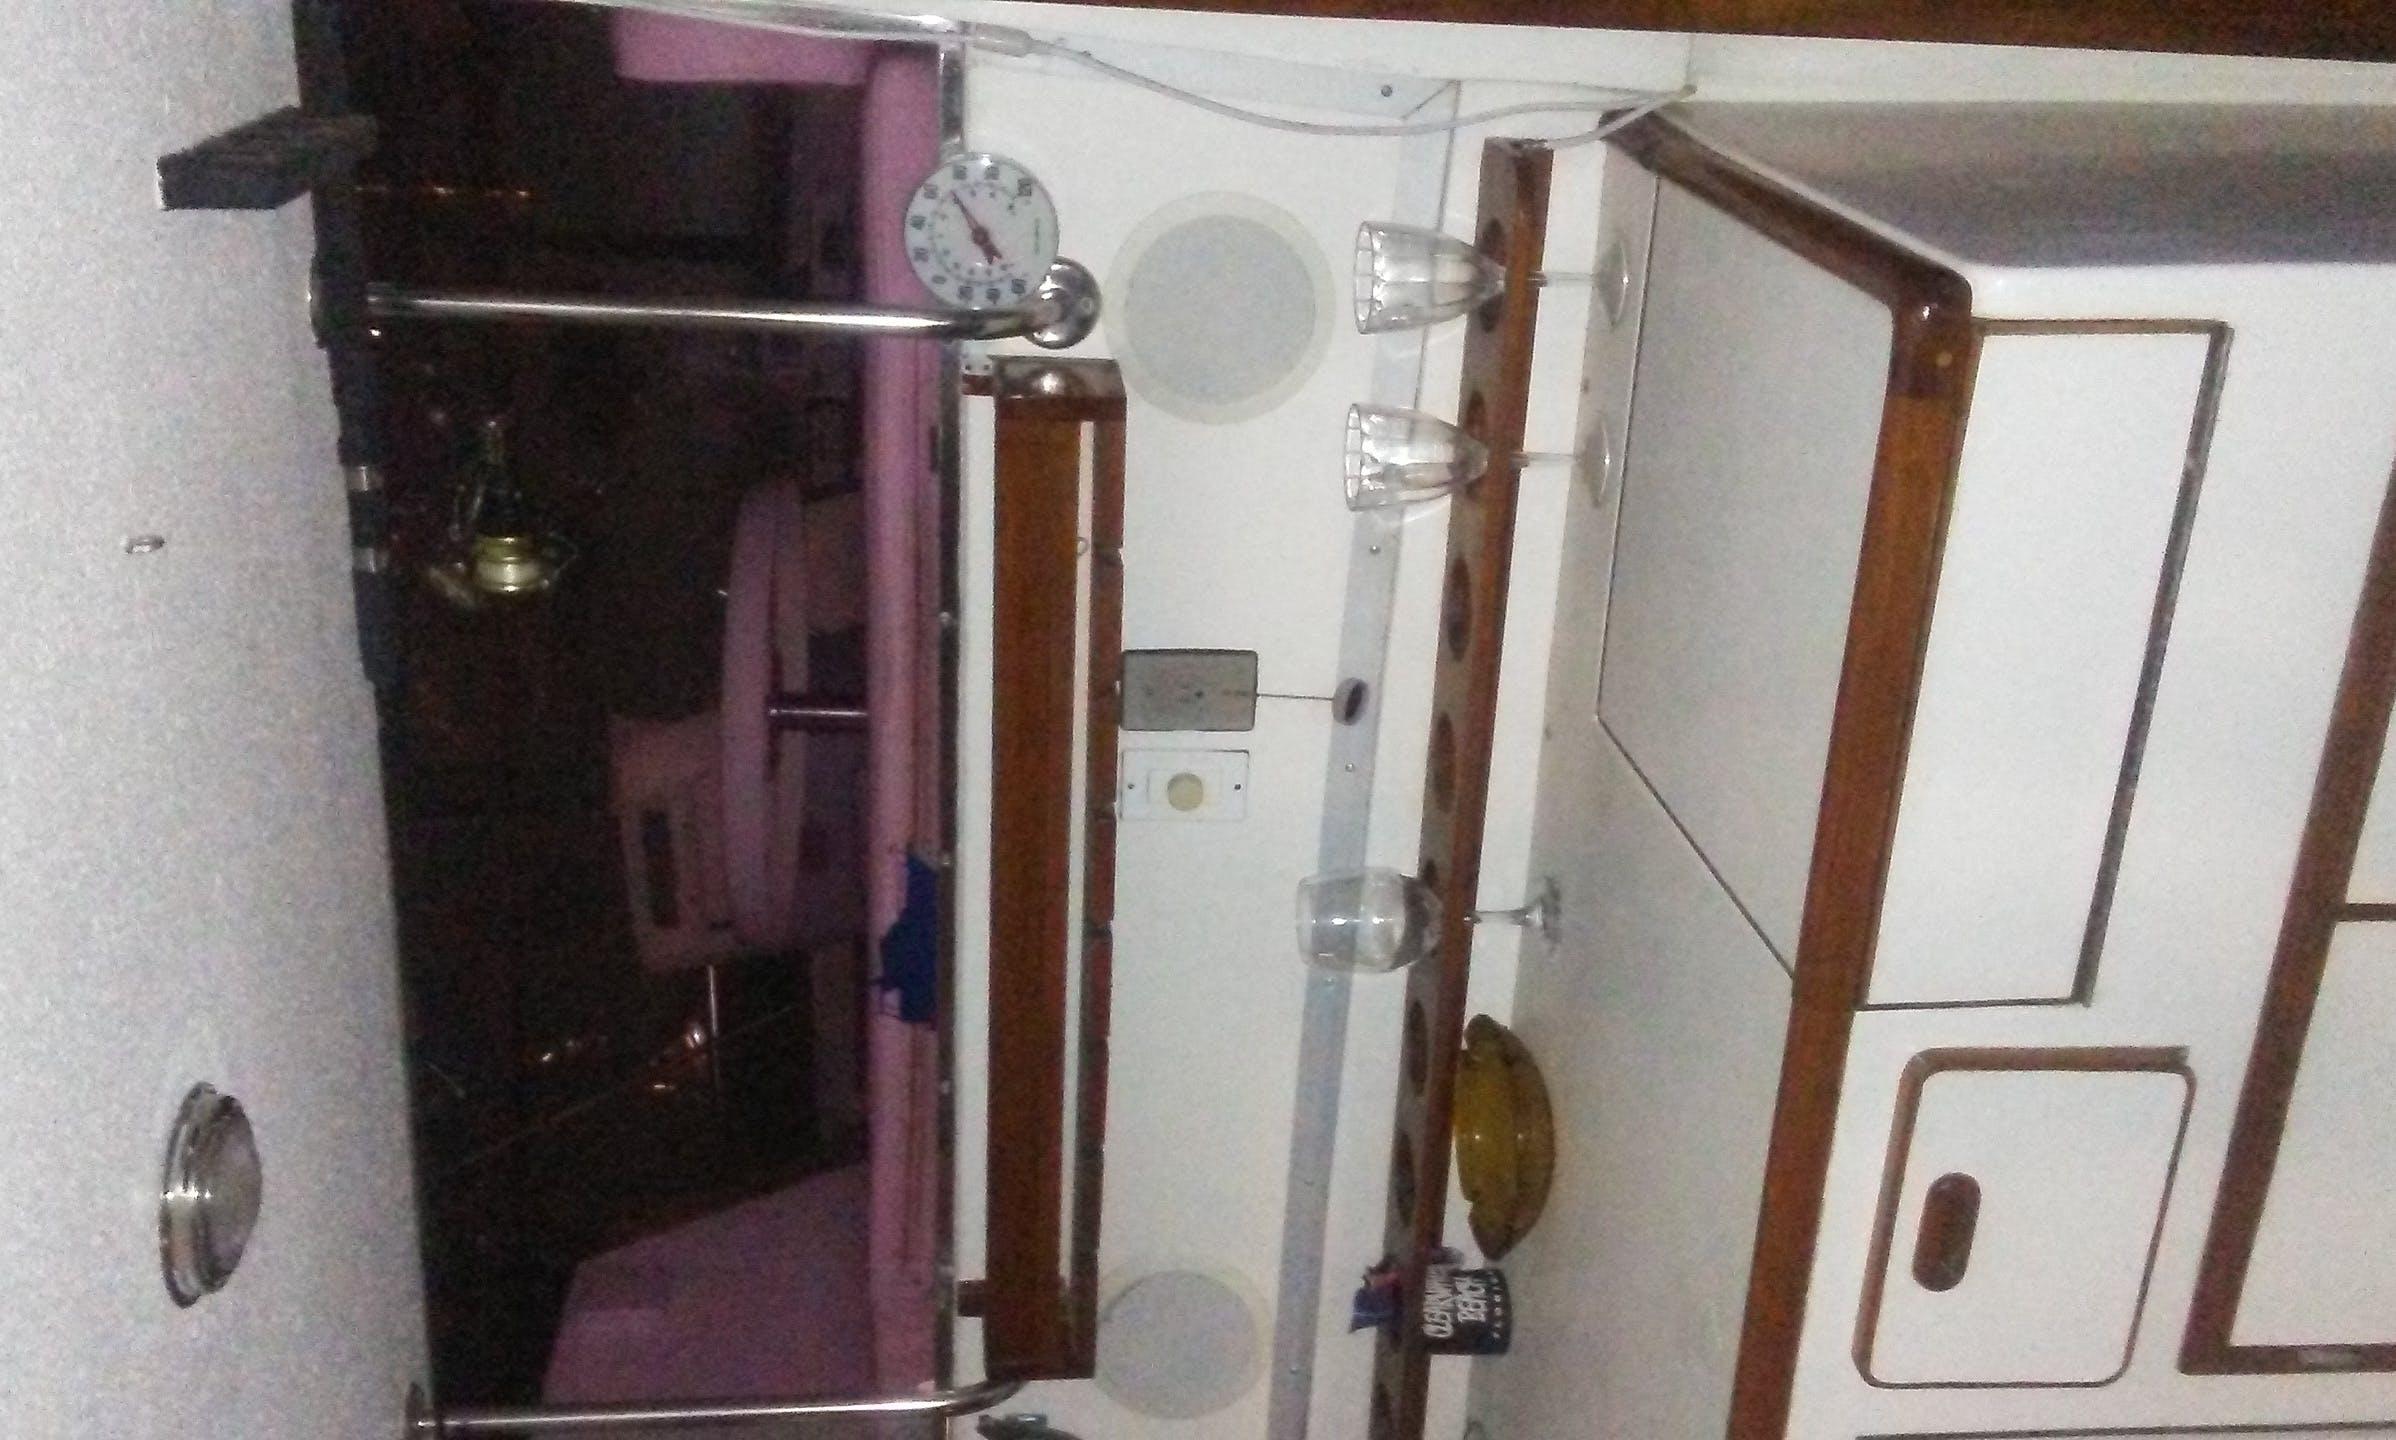 Motor Yacht sleep aboard rental in Clearwater